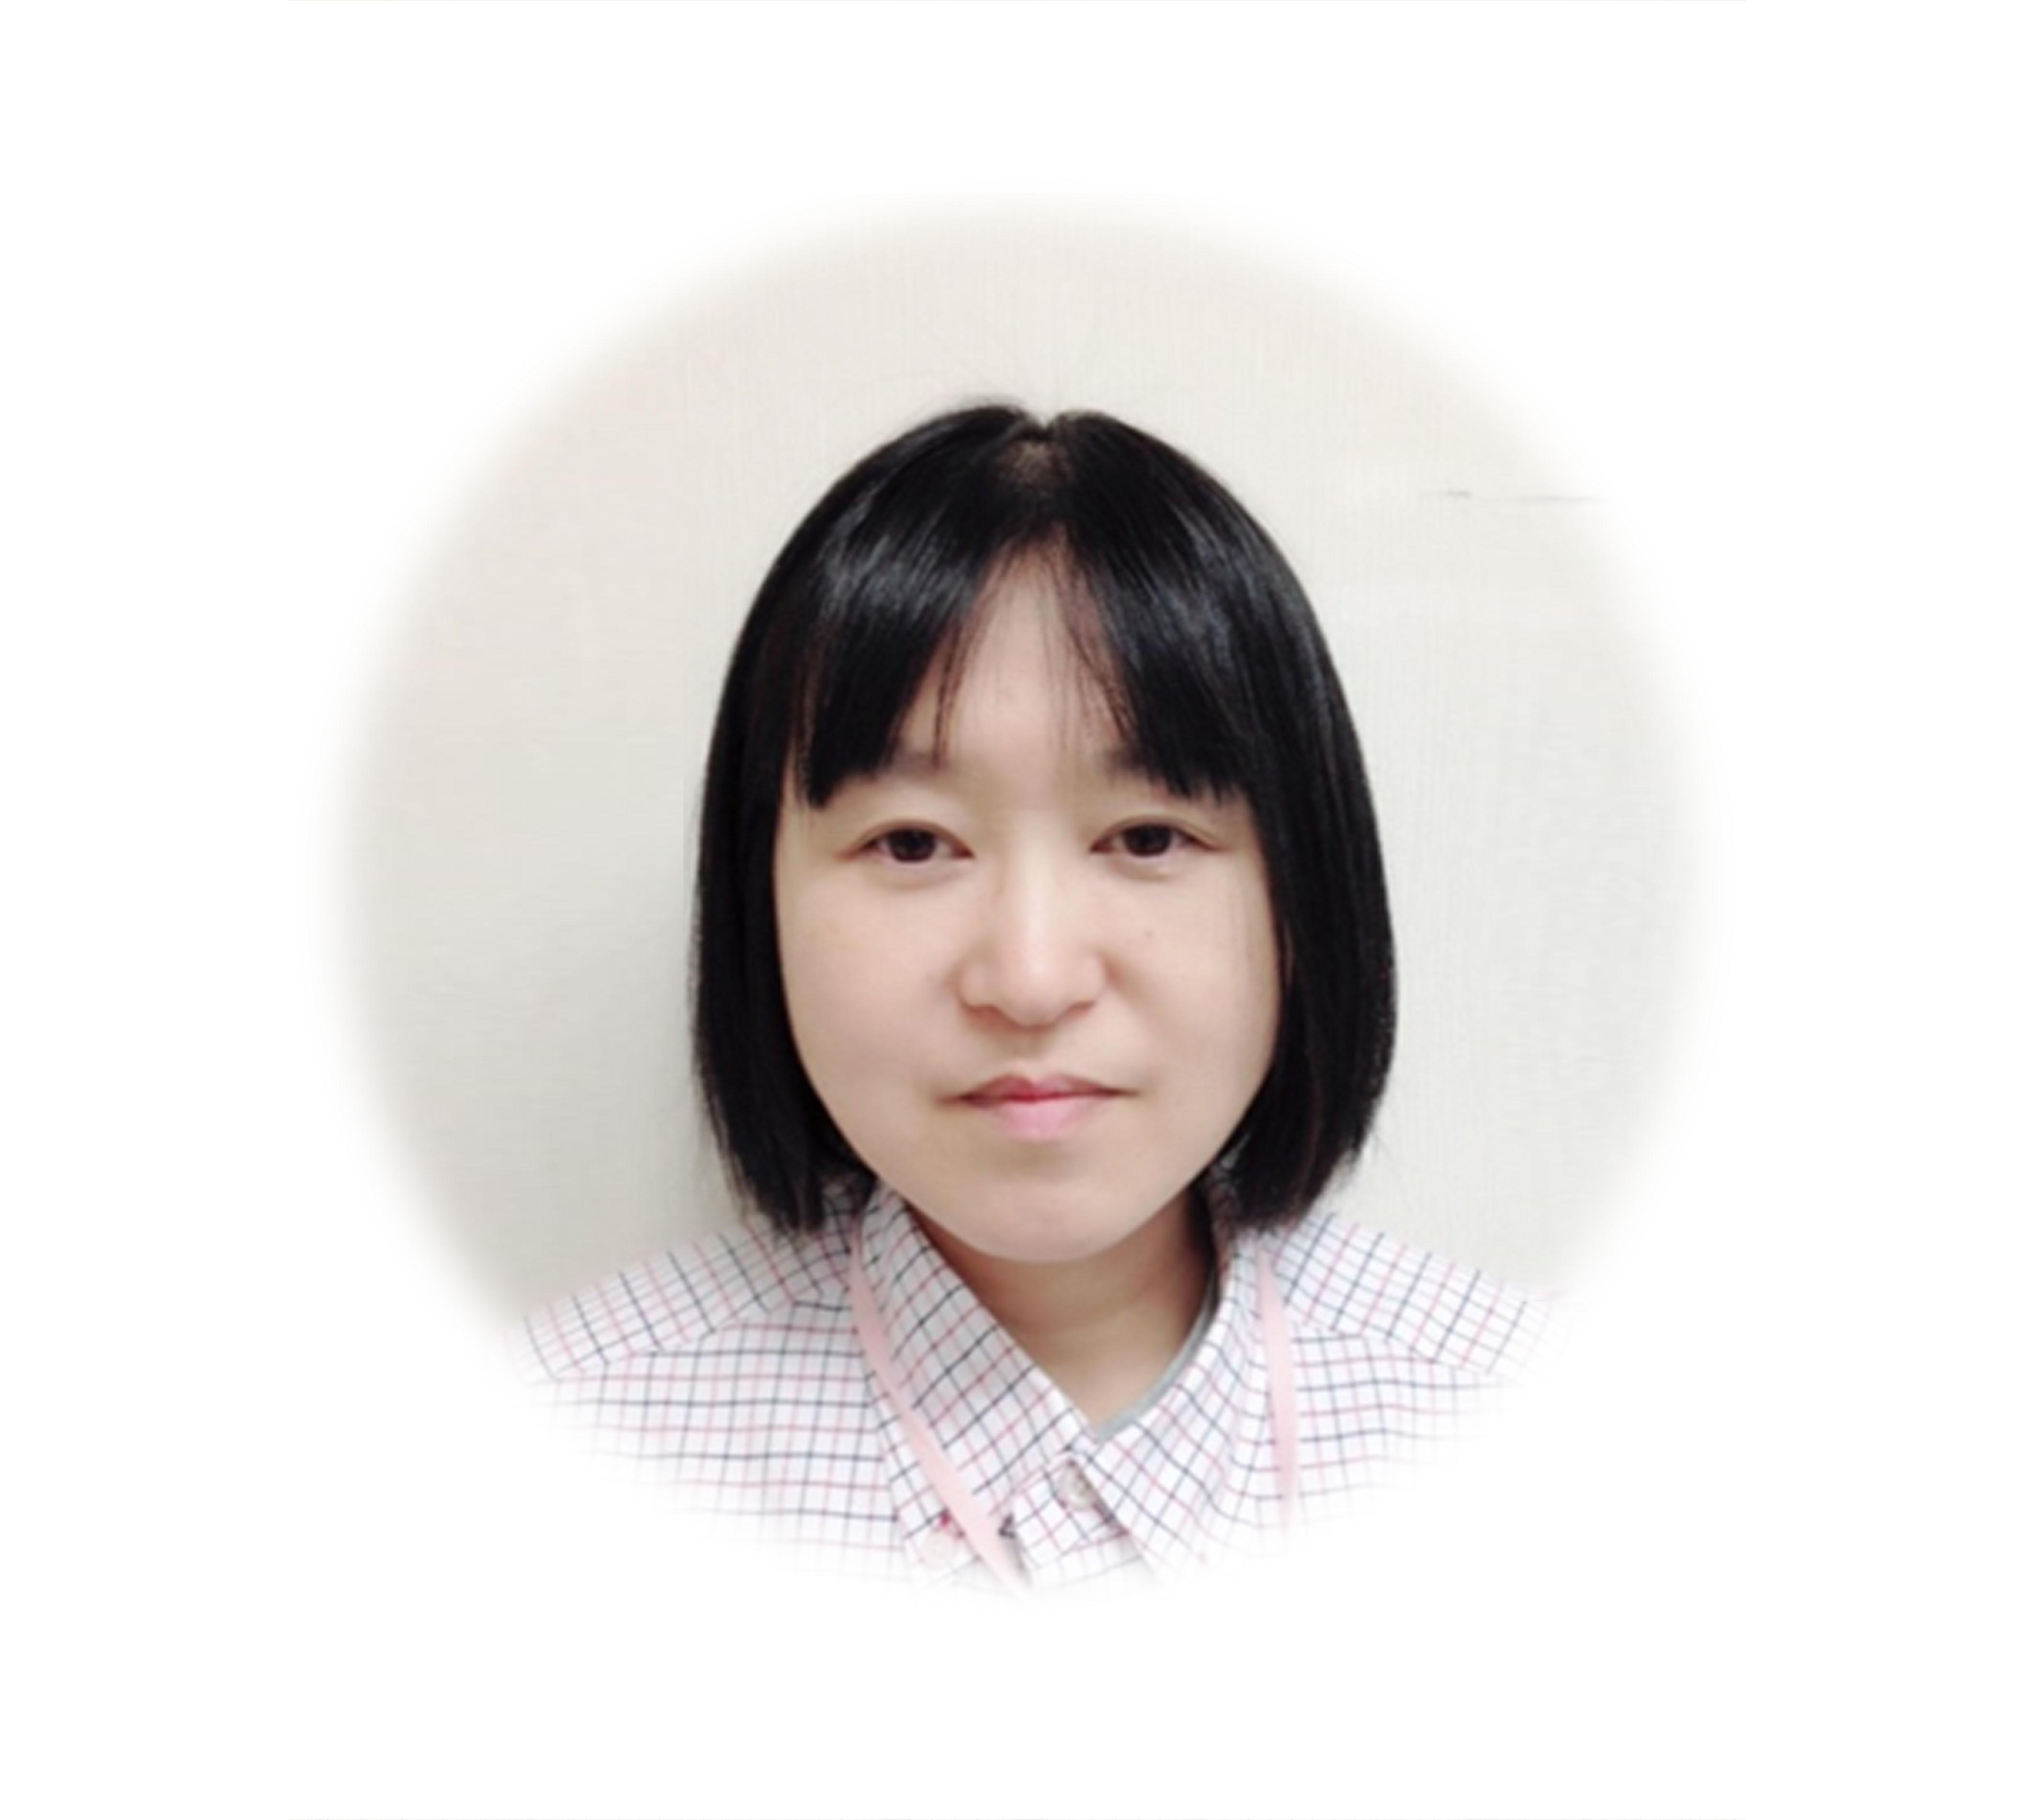 小宮生活相談員_名古屋熱田_201807